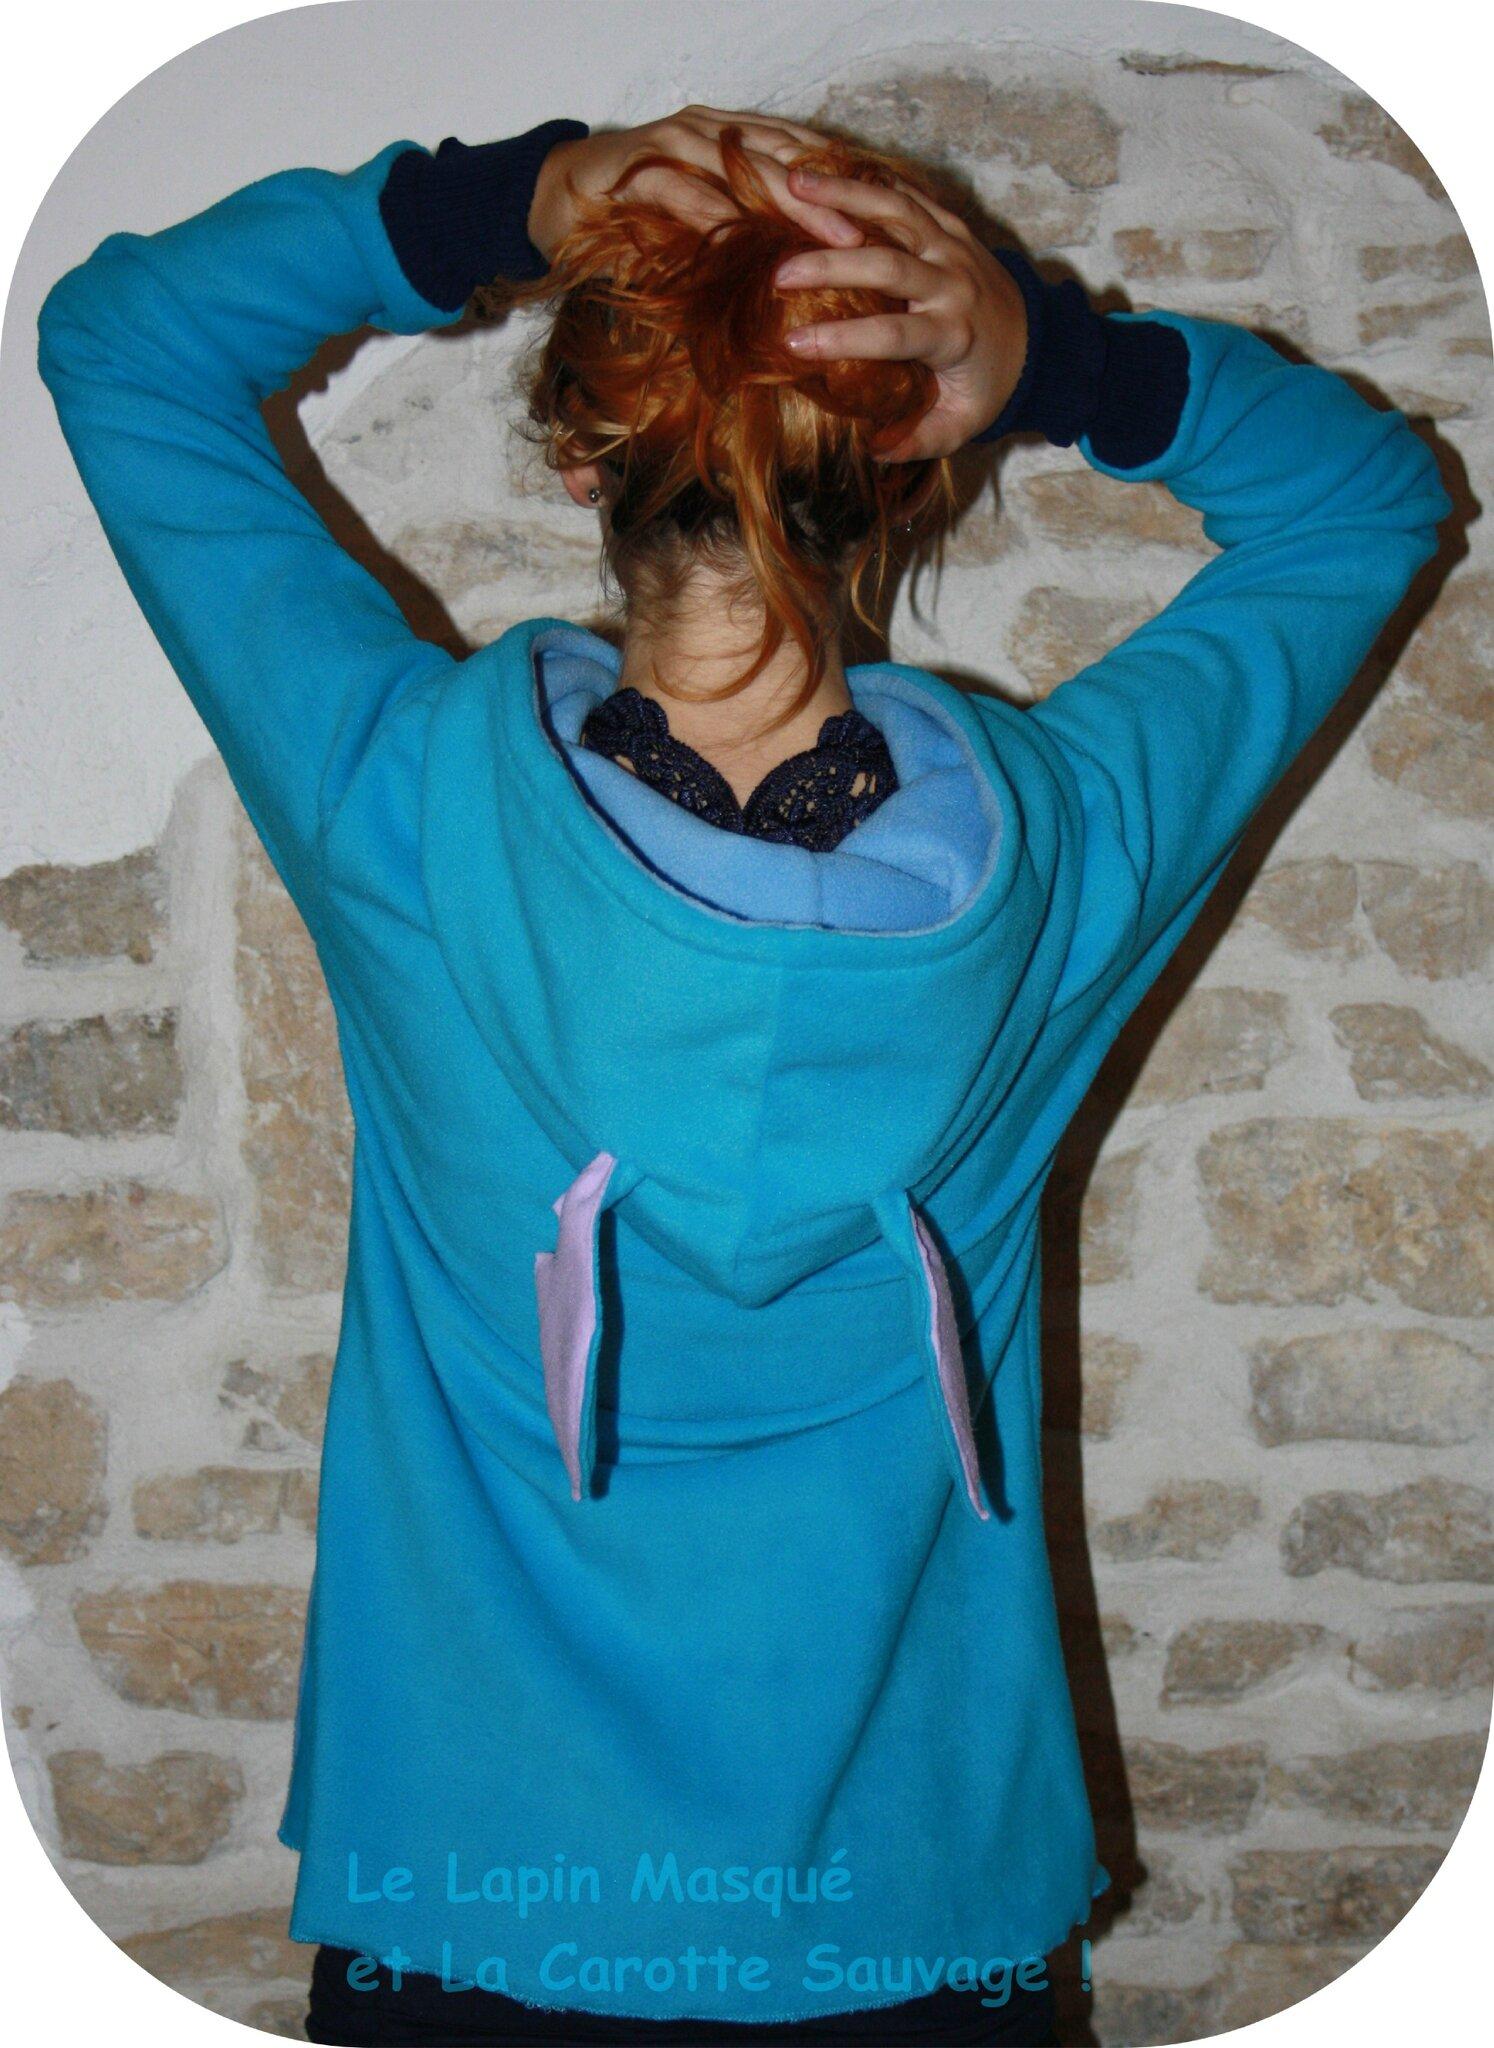 Pull d'inspiration Stitch, Le Lapin Masqué et La Carotte Sauvage (3)